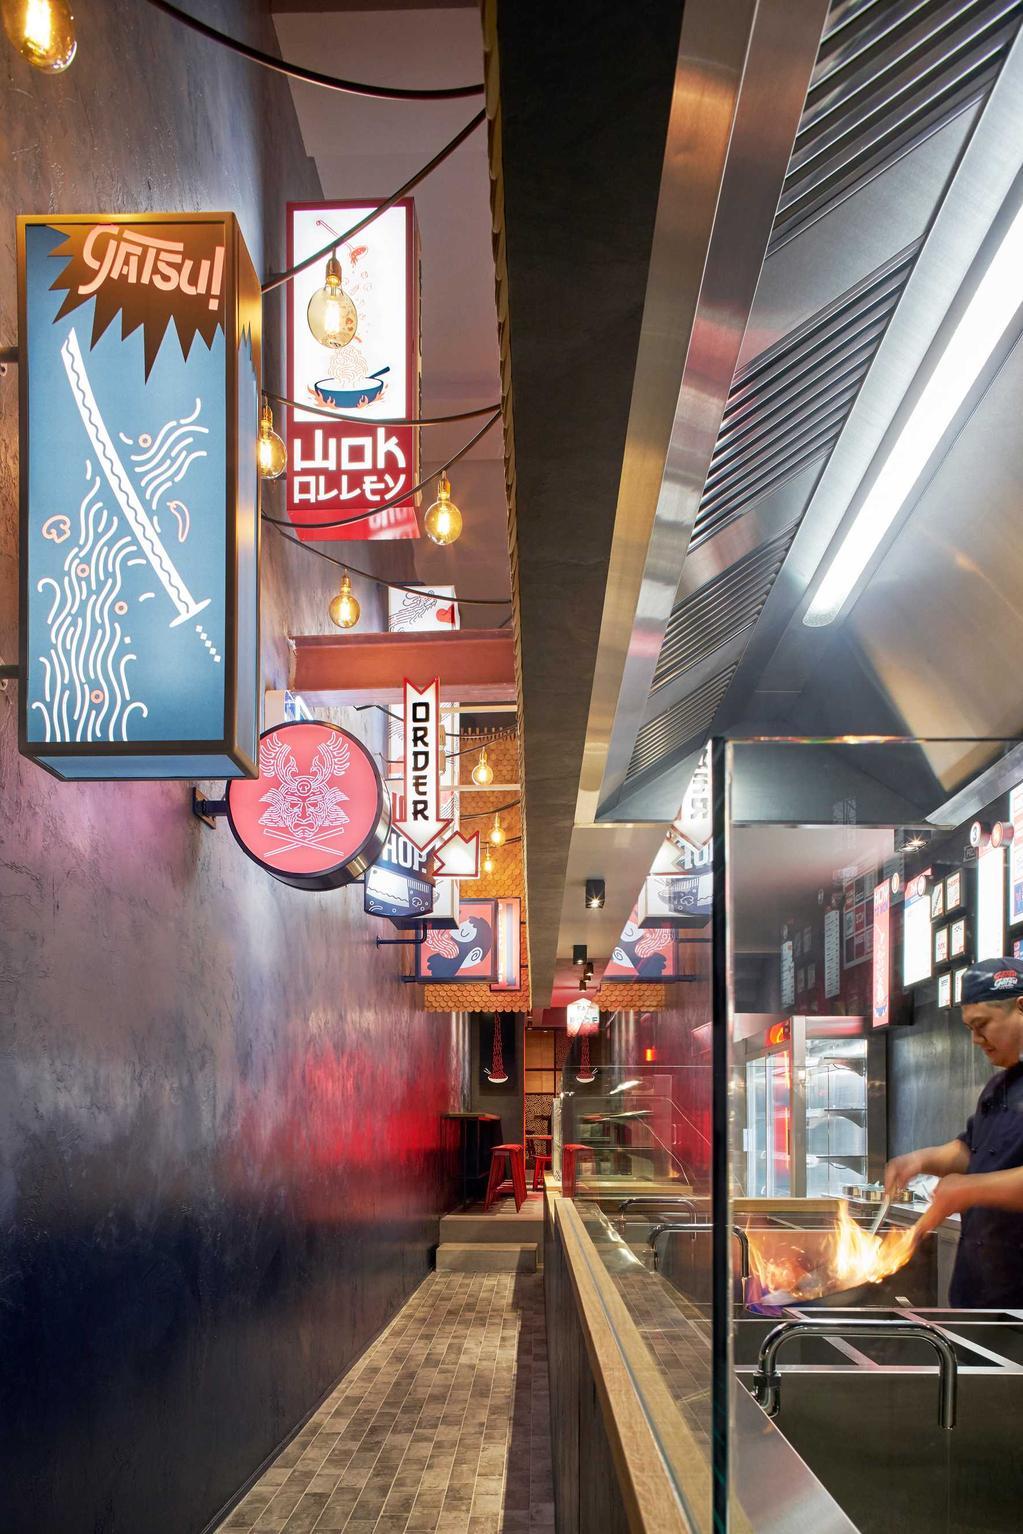 gatsugatsu aziatisch straatje restaurant